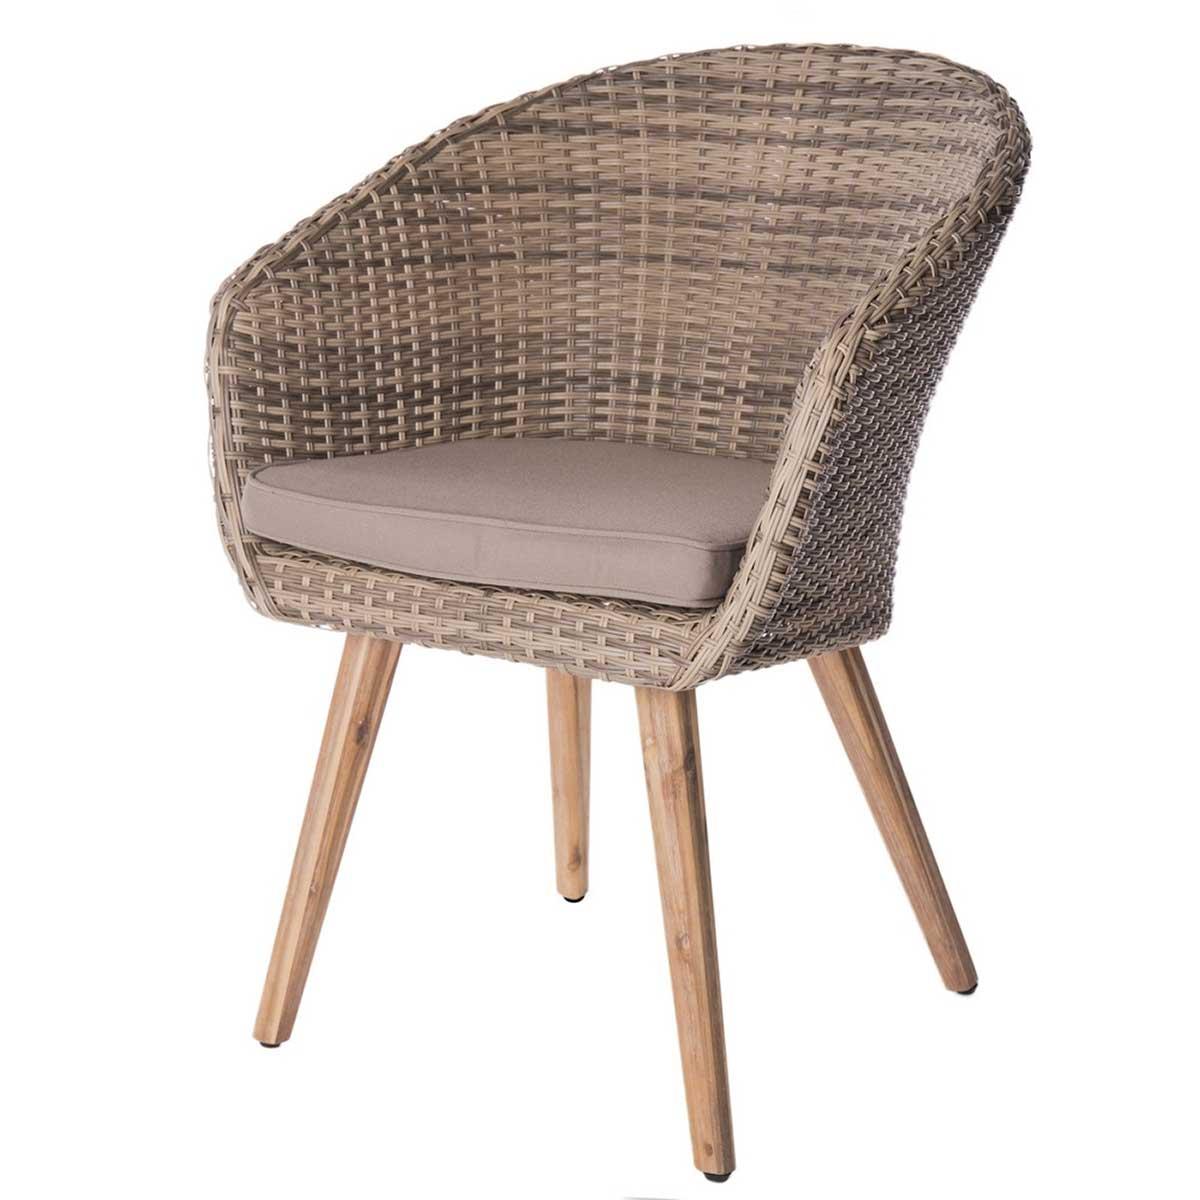 Lot de 4 chaises en rotin et acacia - Taupe - 60.00 cm x 63.00 cm x 84.00 cm